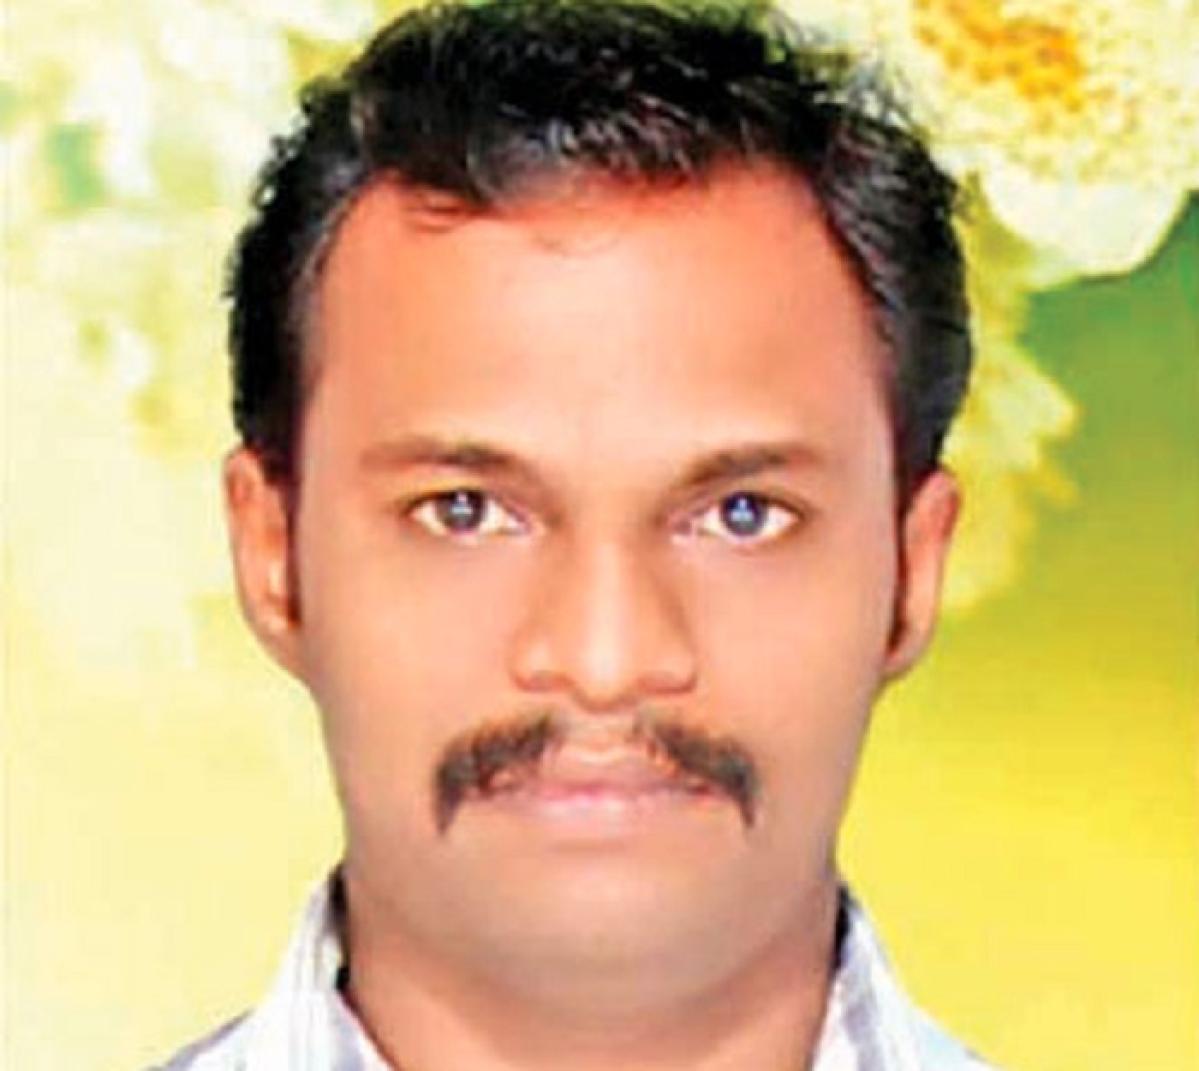 உயிரிழந்த ராஜசேகர்